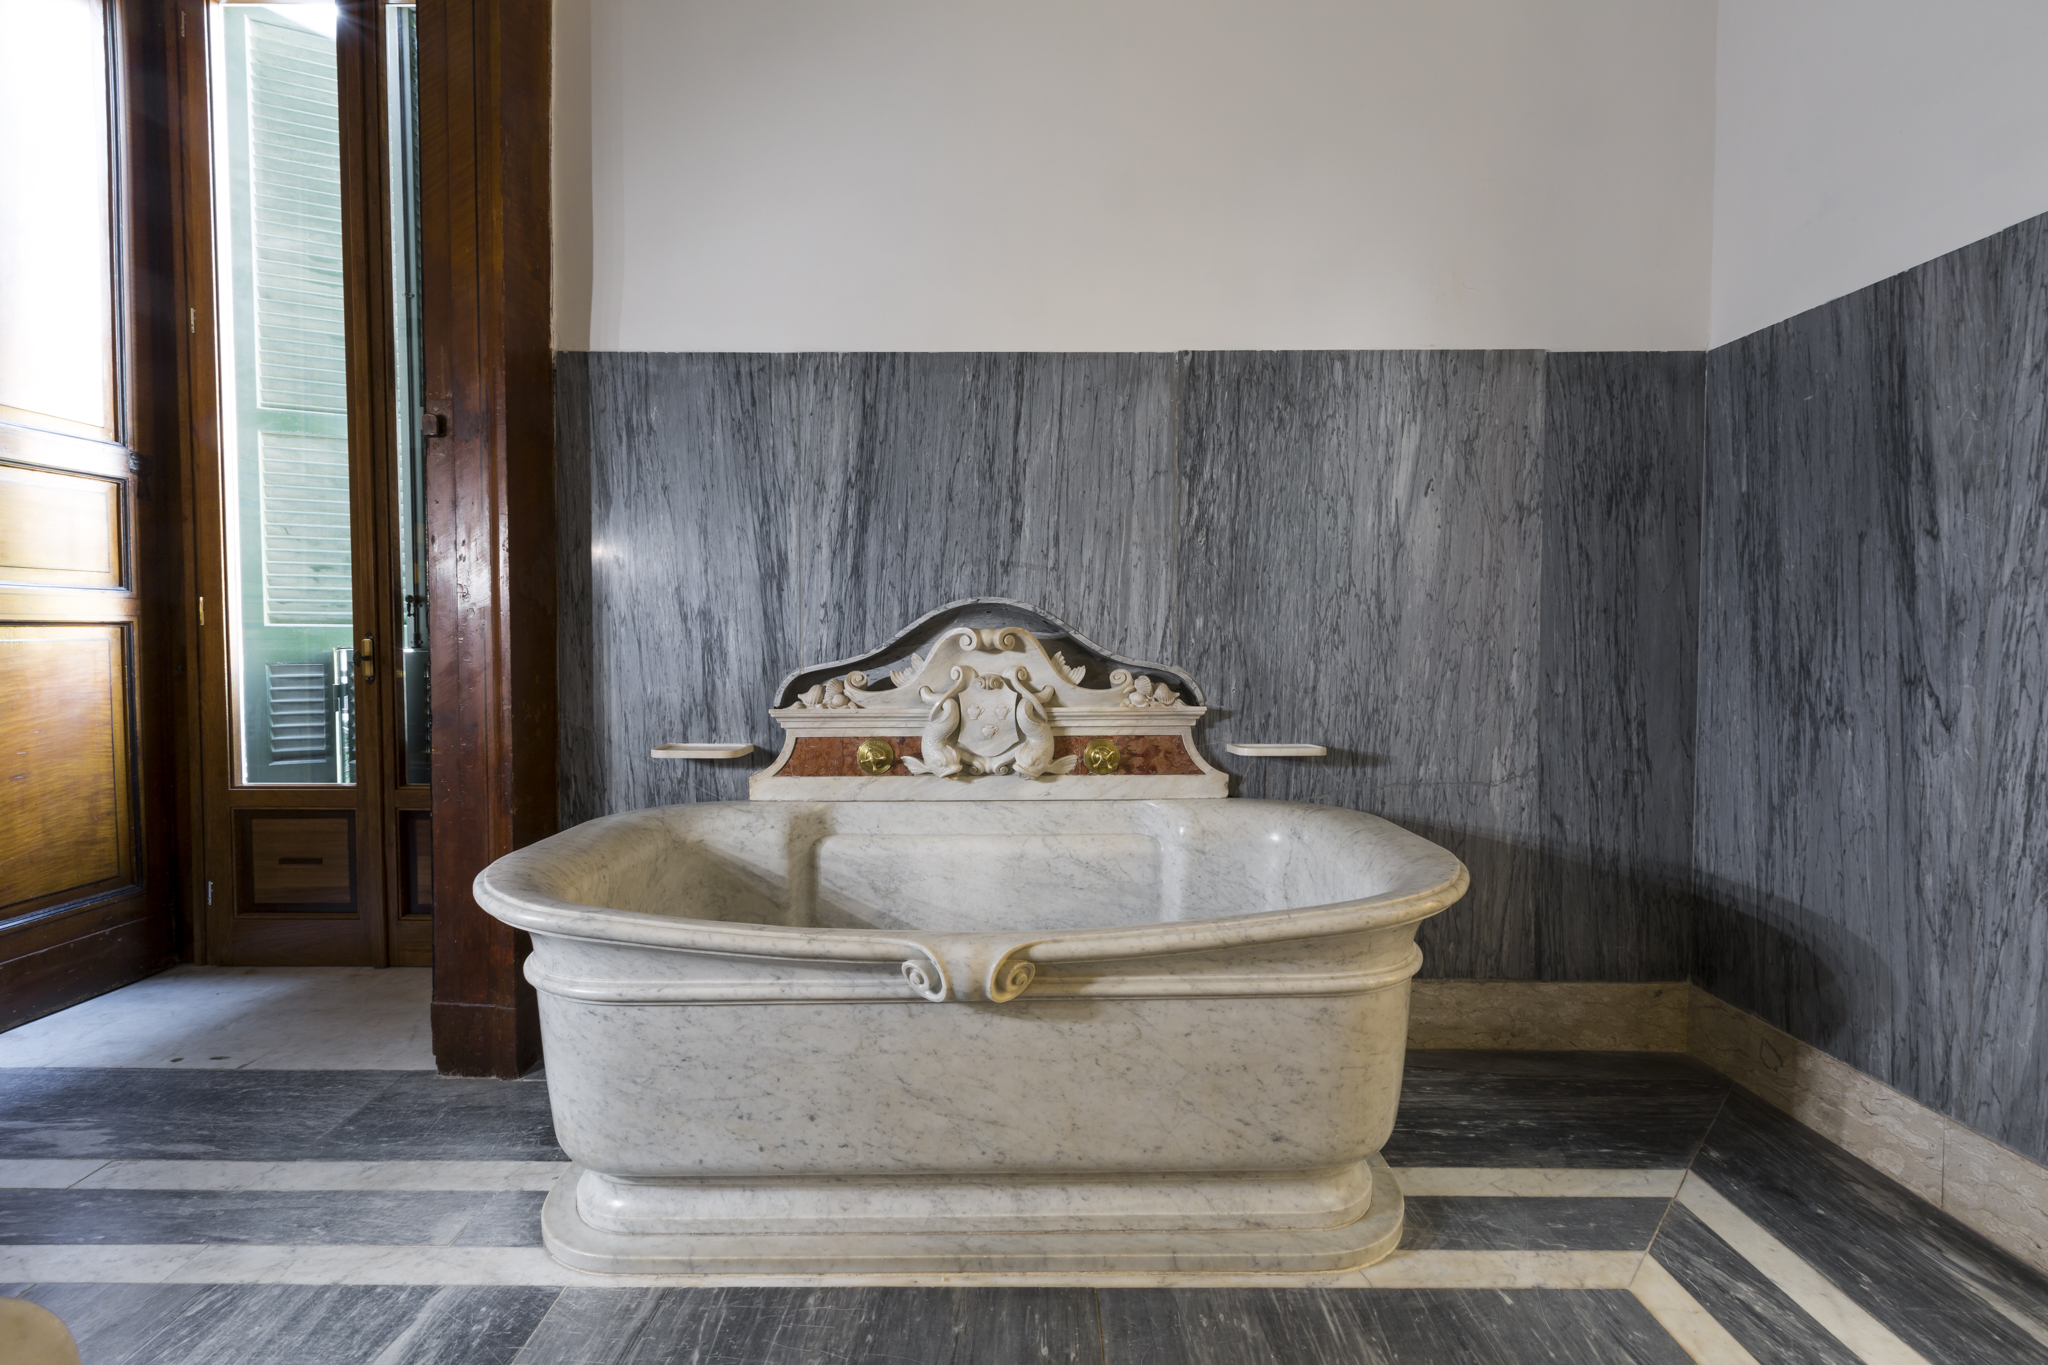 Bagno Degli Ospiti In Francese : Villa pignatelli svela le camere intime del principe napoli